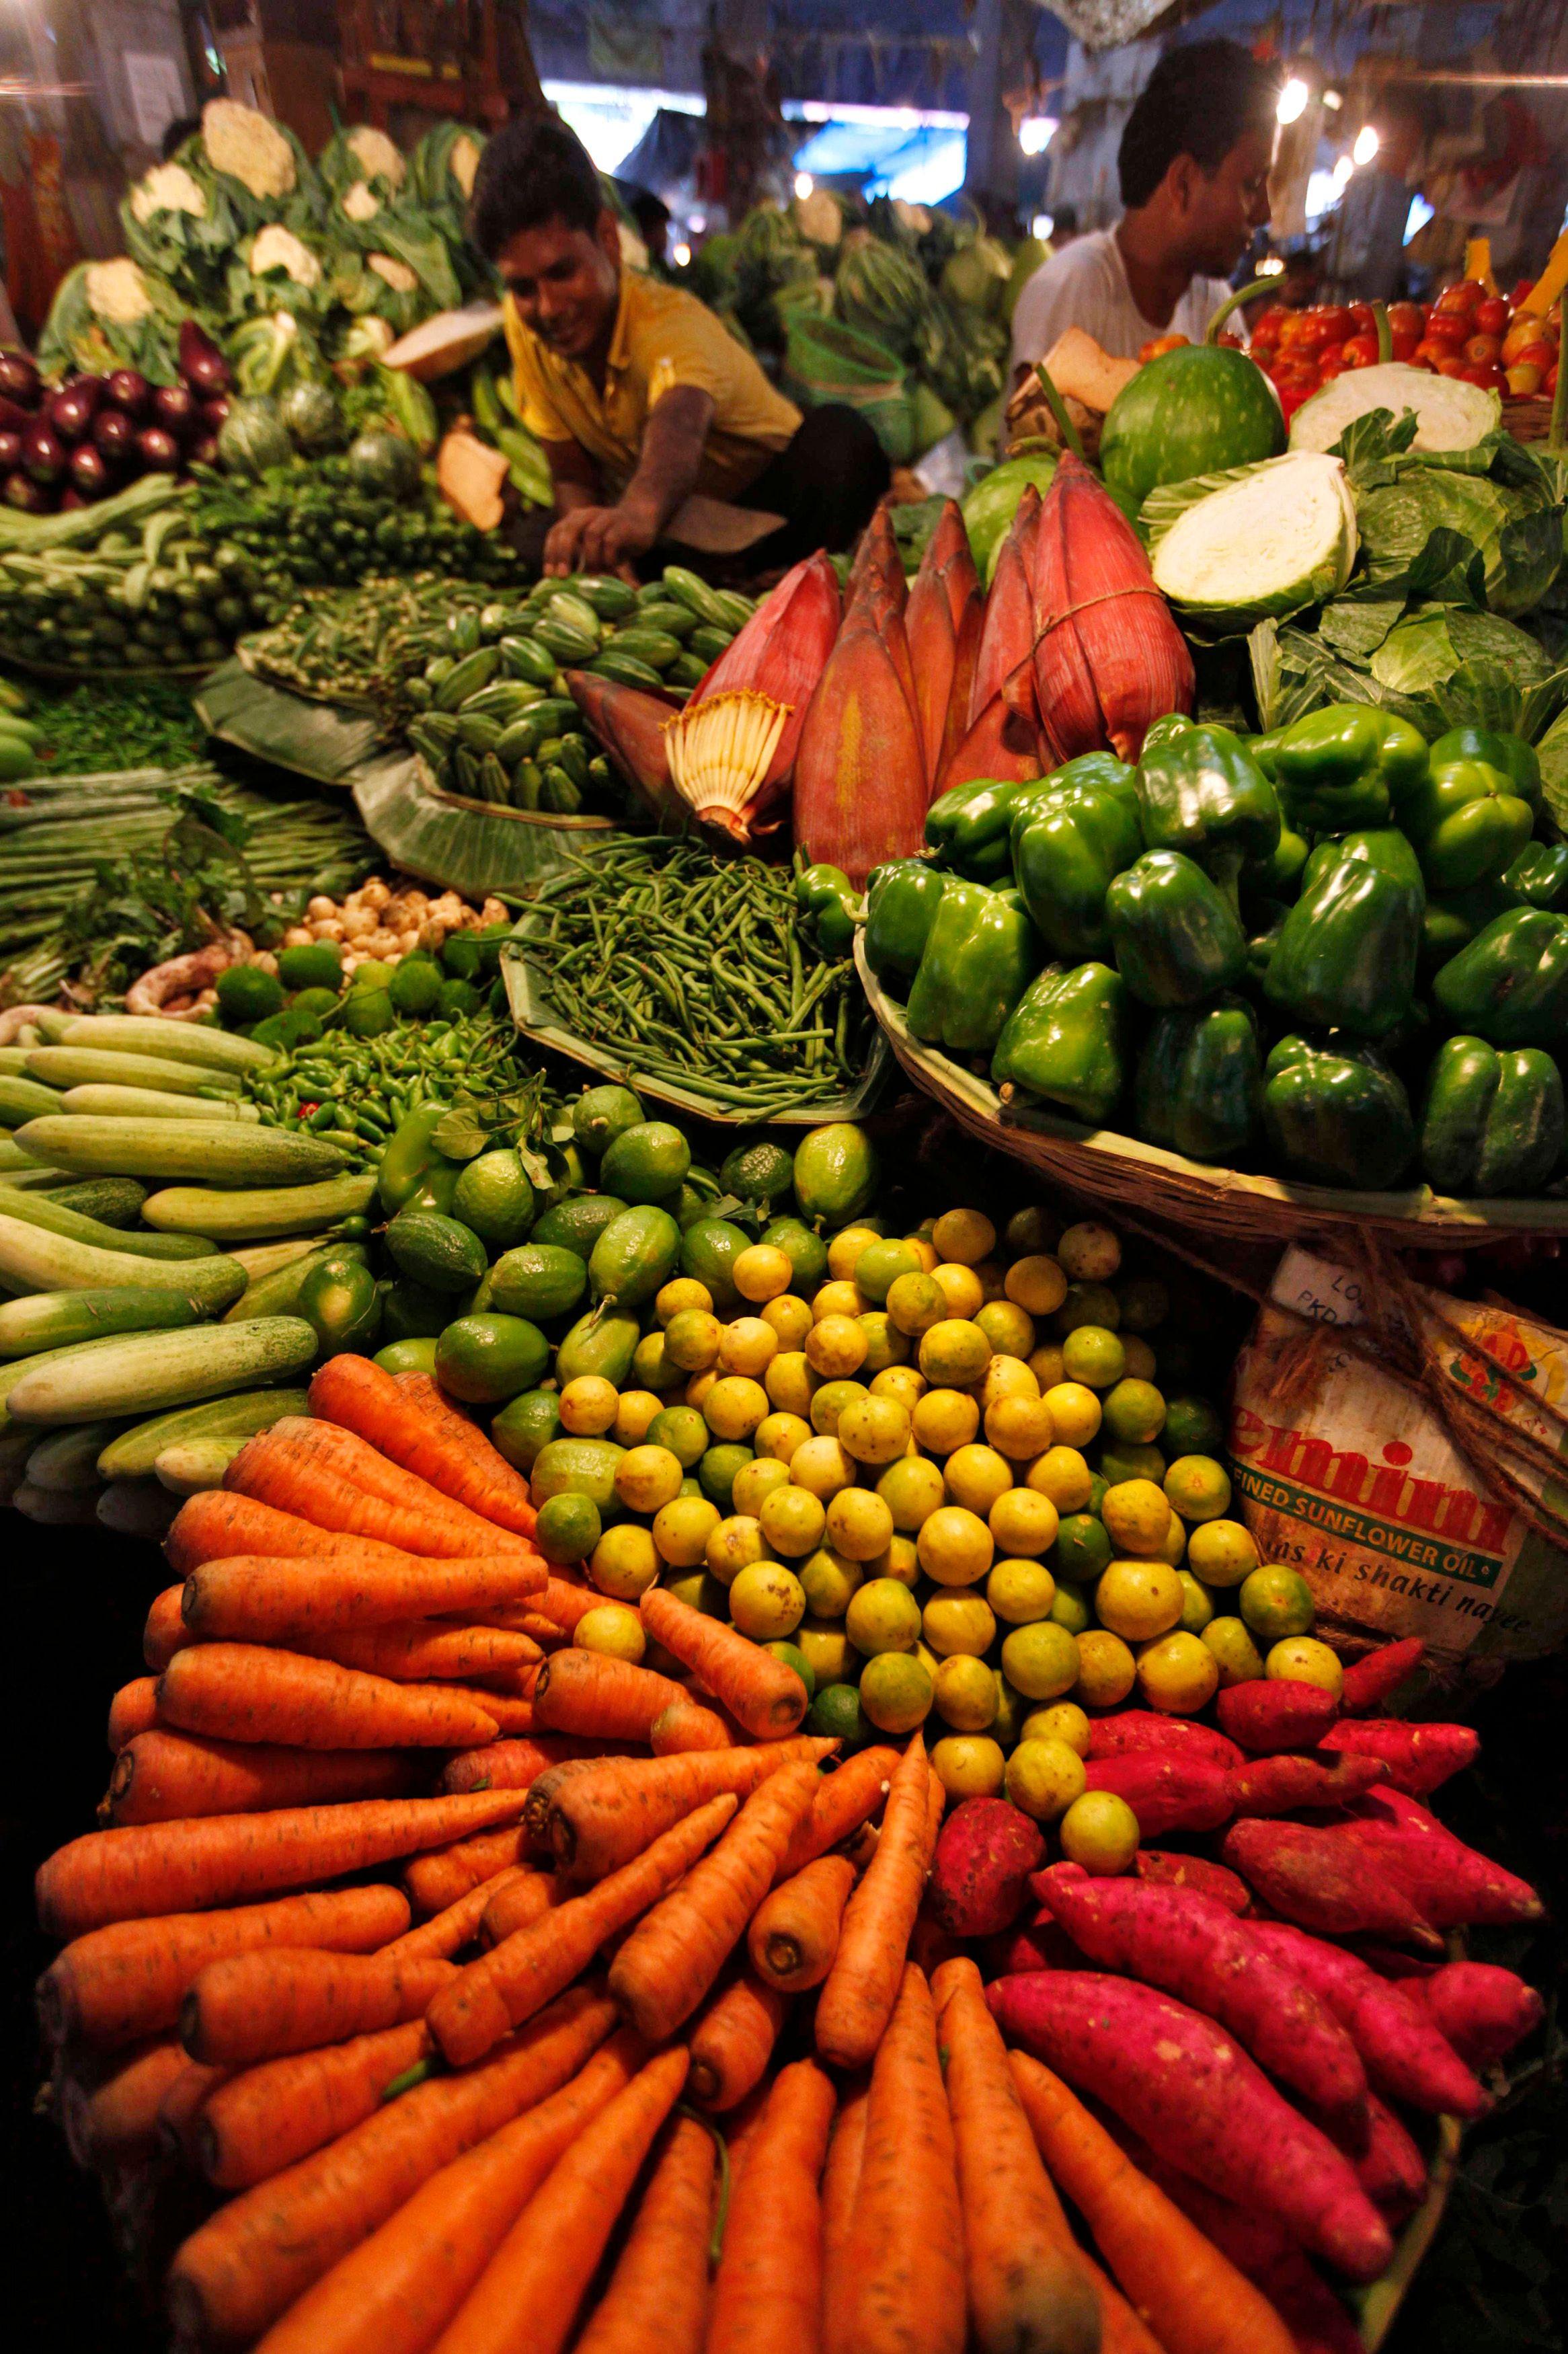 Les carottes ont les mêmes effets sur la vue que beaucoup d'autres légumes.